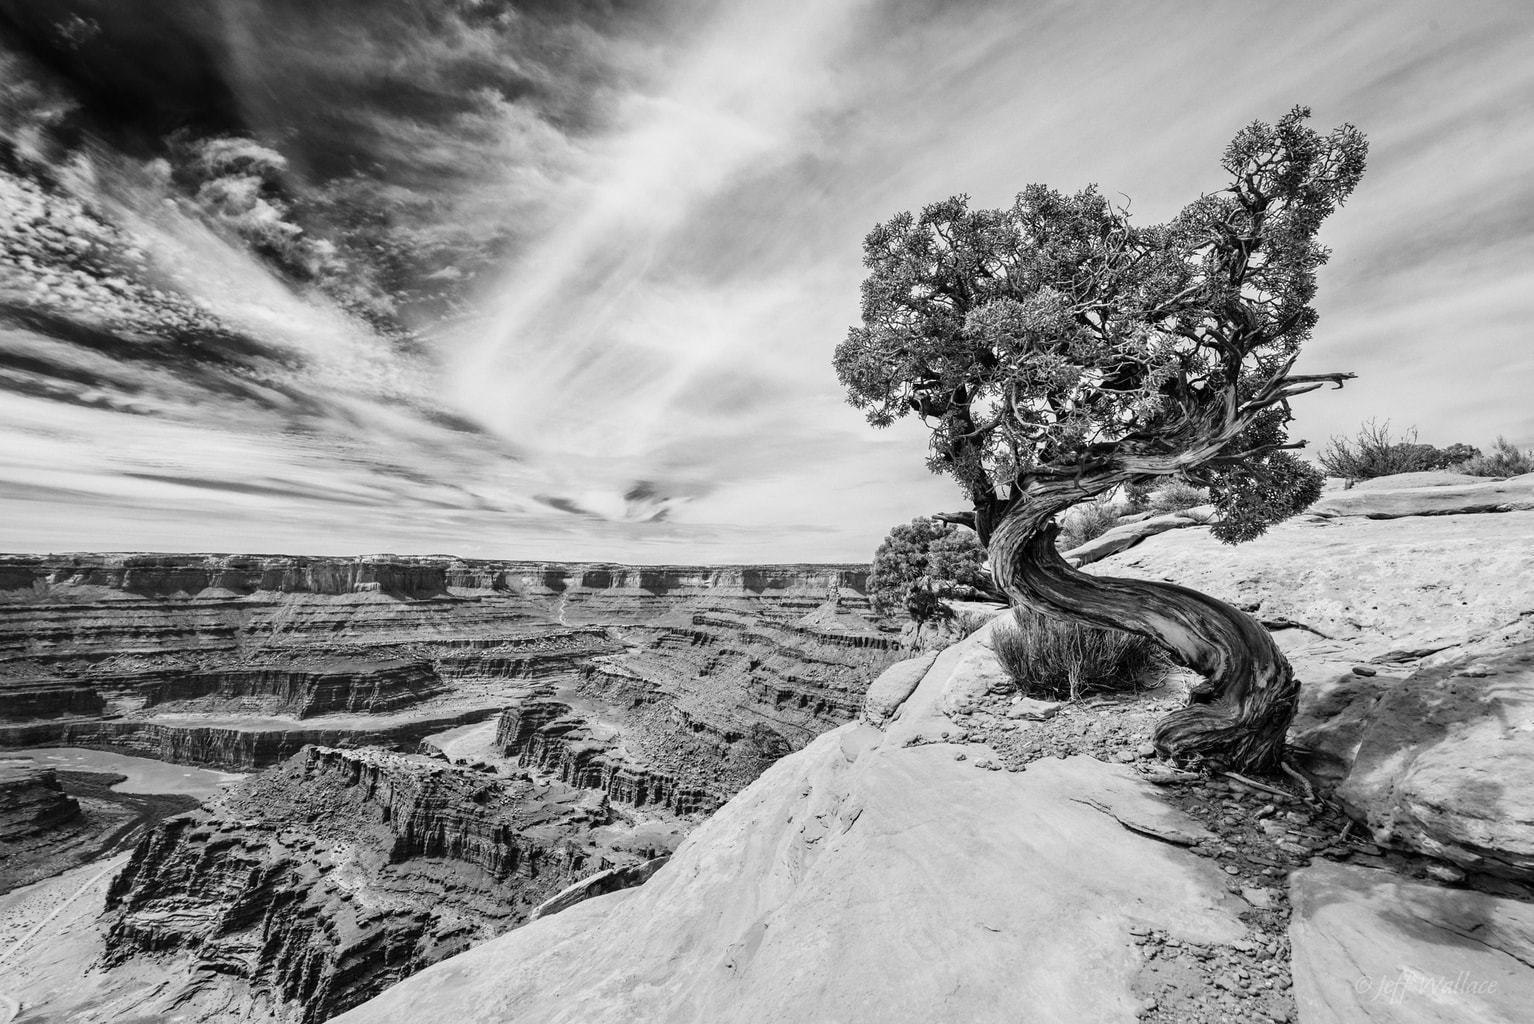 12 trucos para captar impresionantes paisajes en blanco y negro - Blanco y negro ...